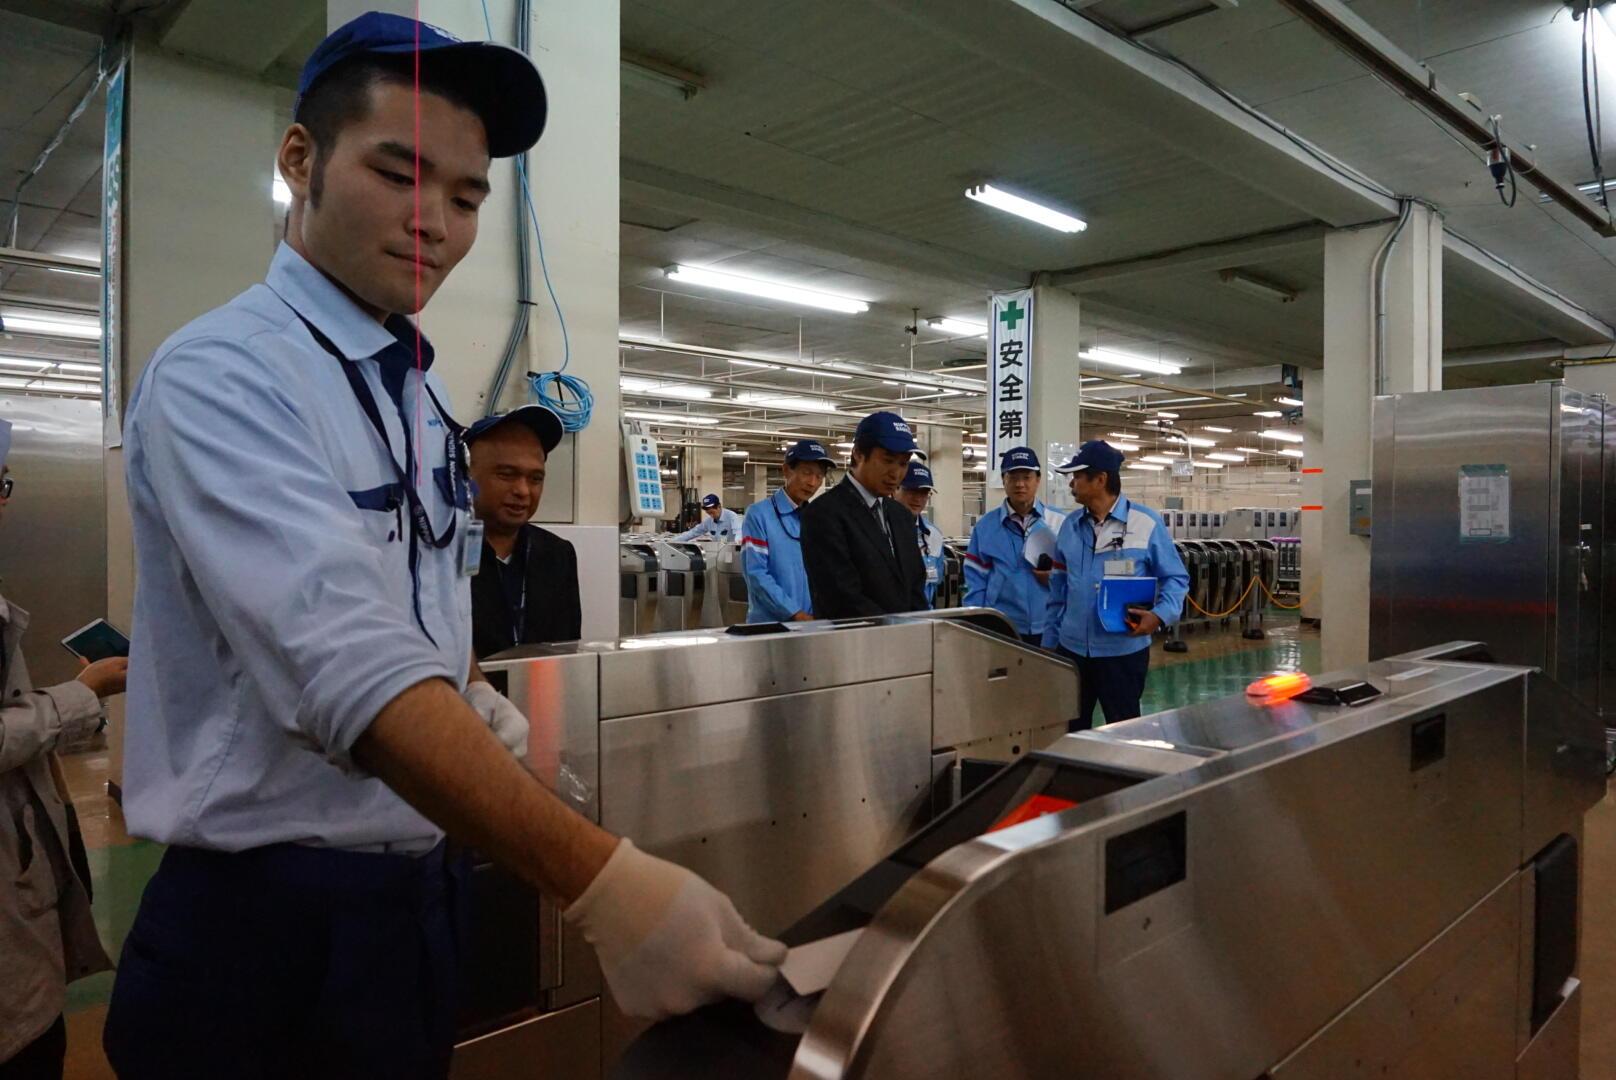 Macam-macam Teknologi Jepang yang Bakal Dipakai di Stasiun MRT Jakarta